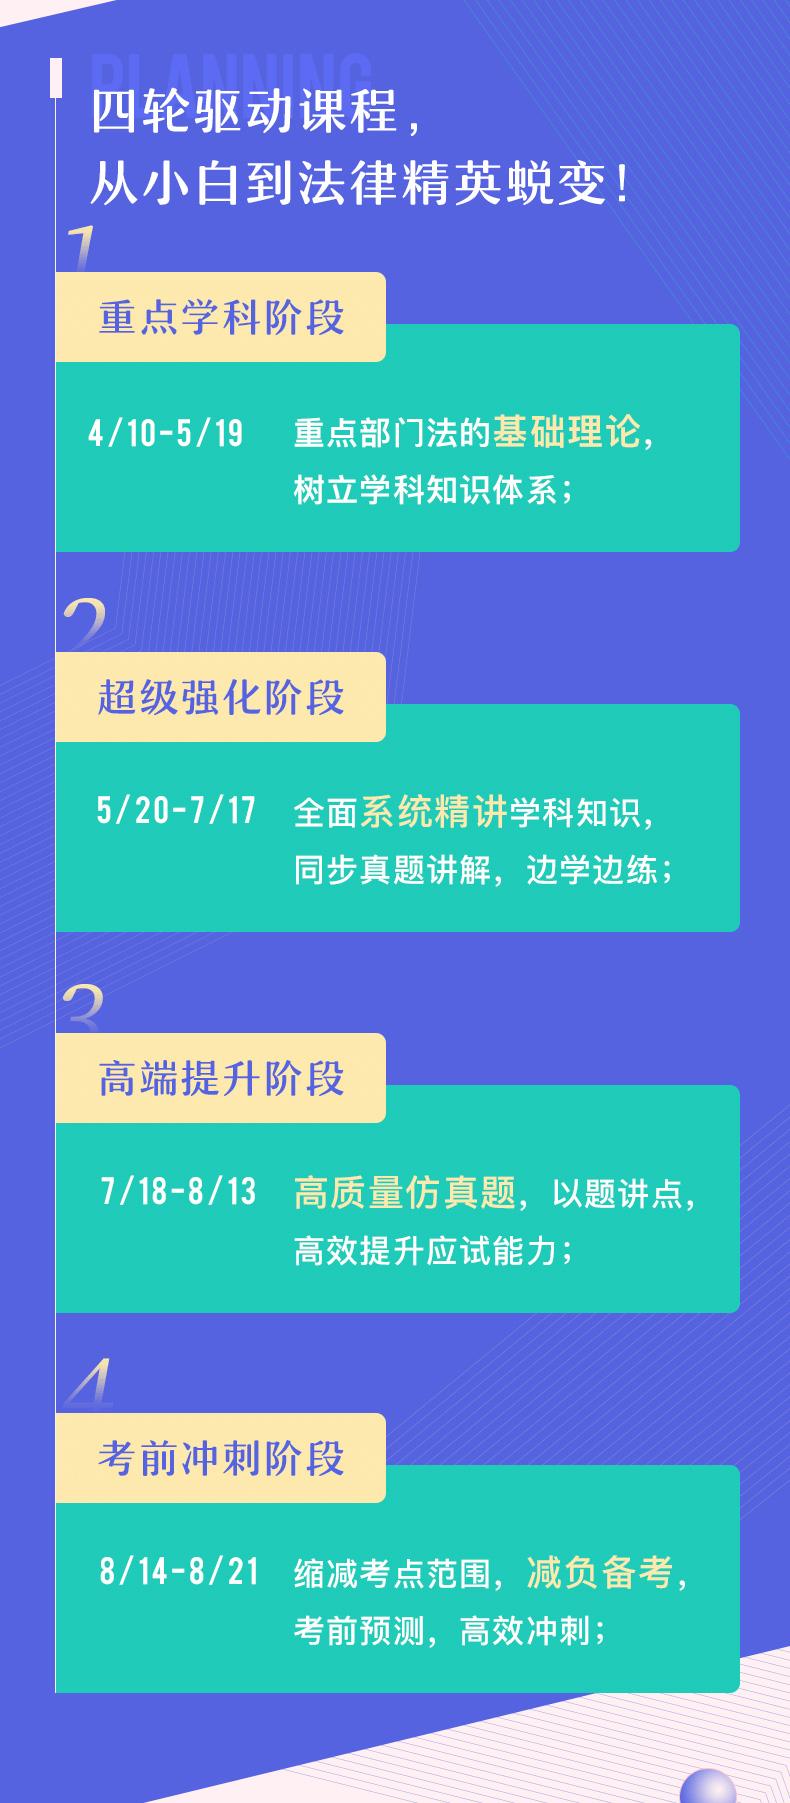 北京vip协议班_03.jpg